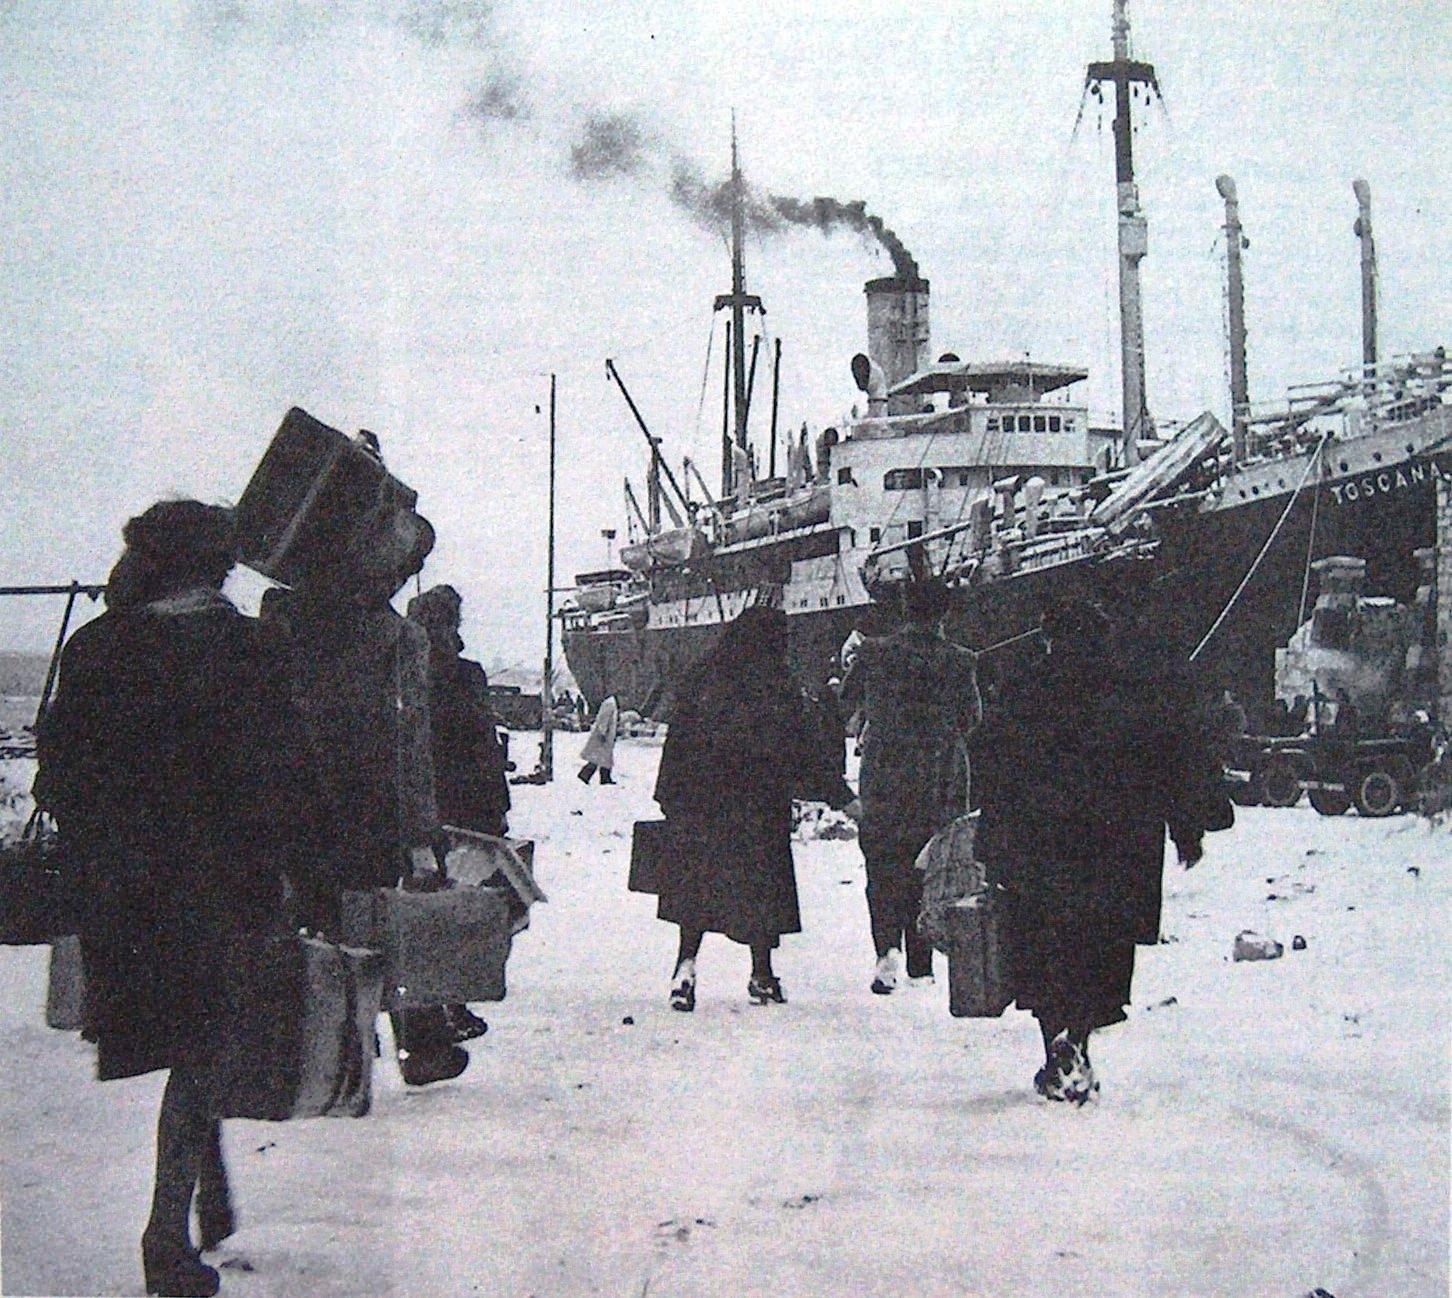 Una celebre fotografia della nave durante l'abbandono di Pola.